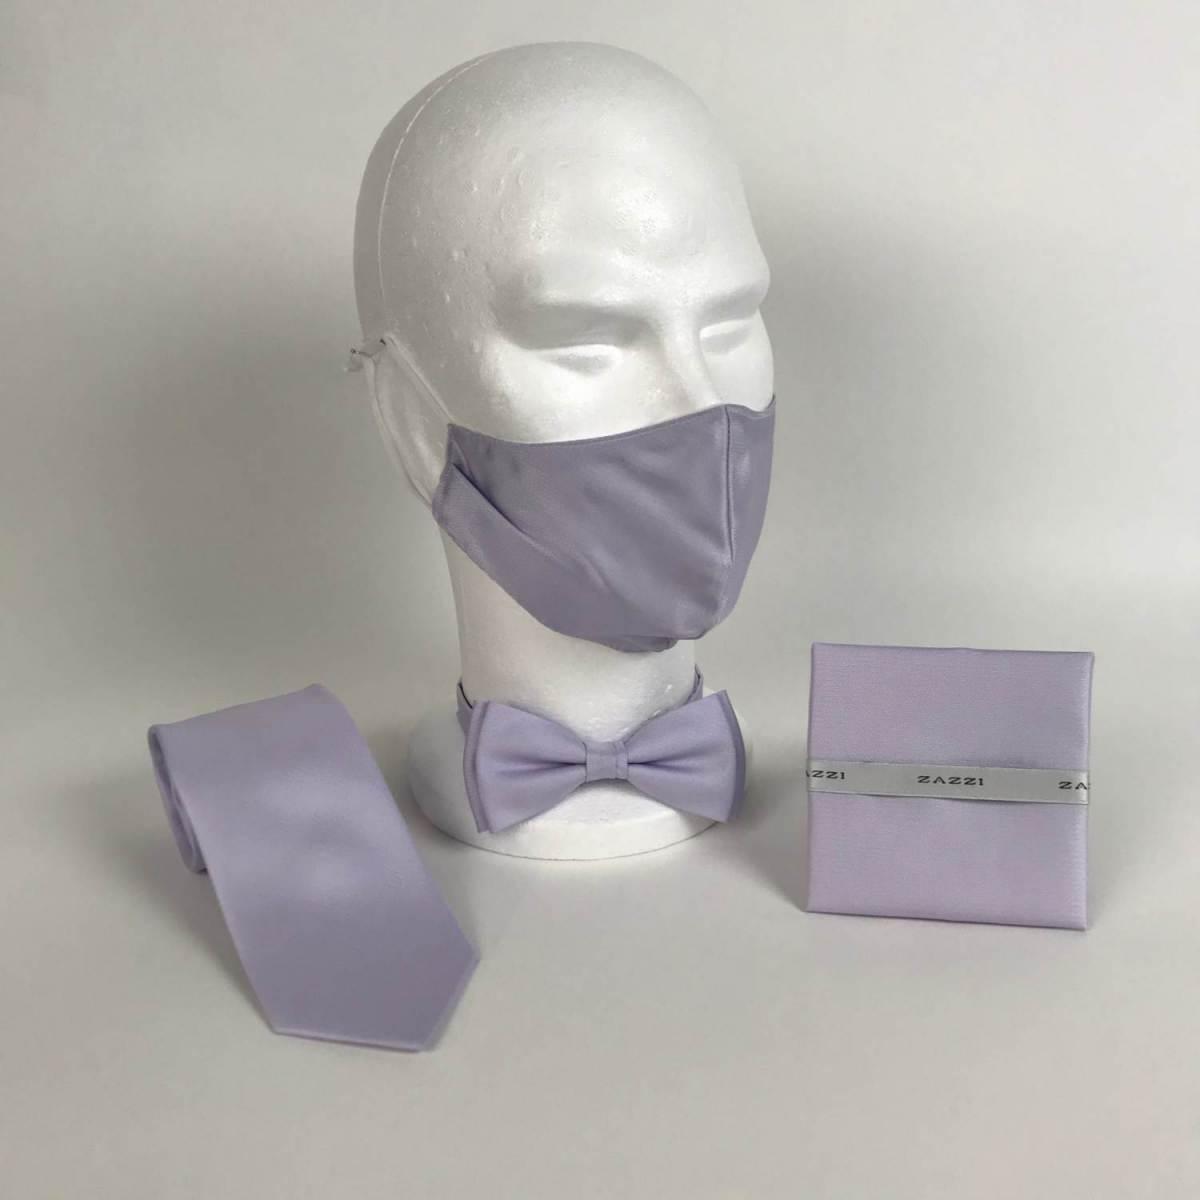 B4252 15 Lilac FM scaled - - Con Murphys Menswear